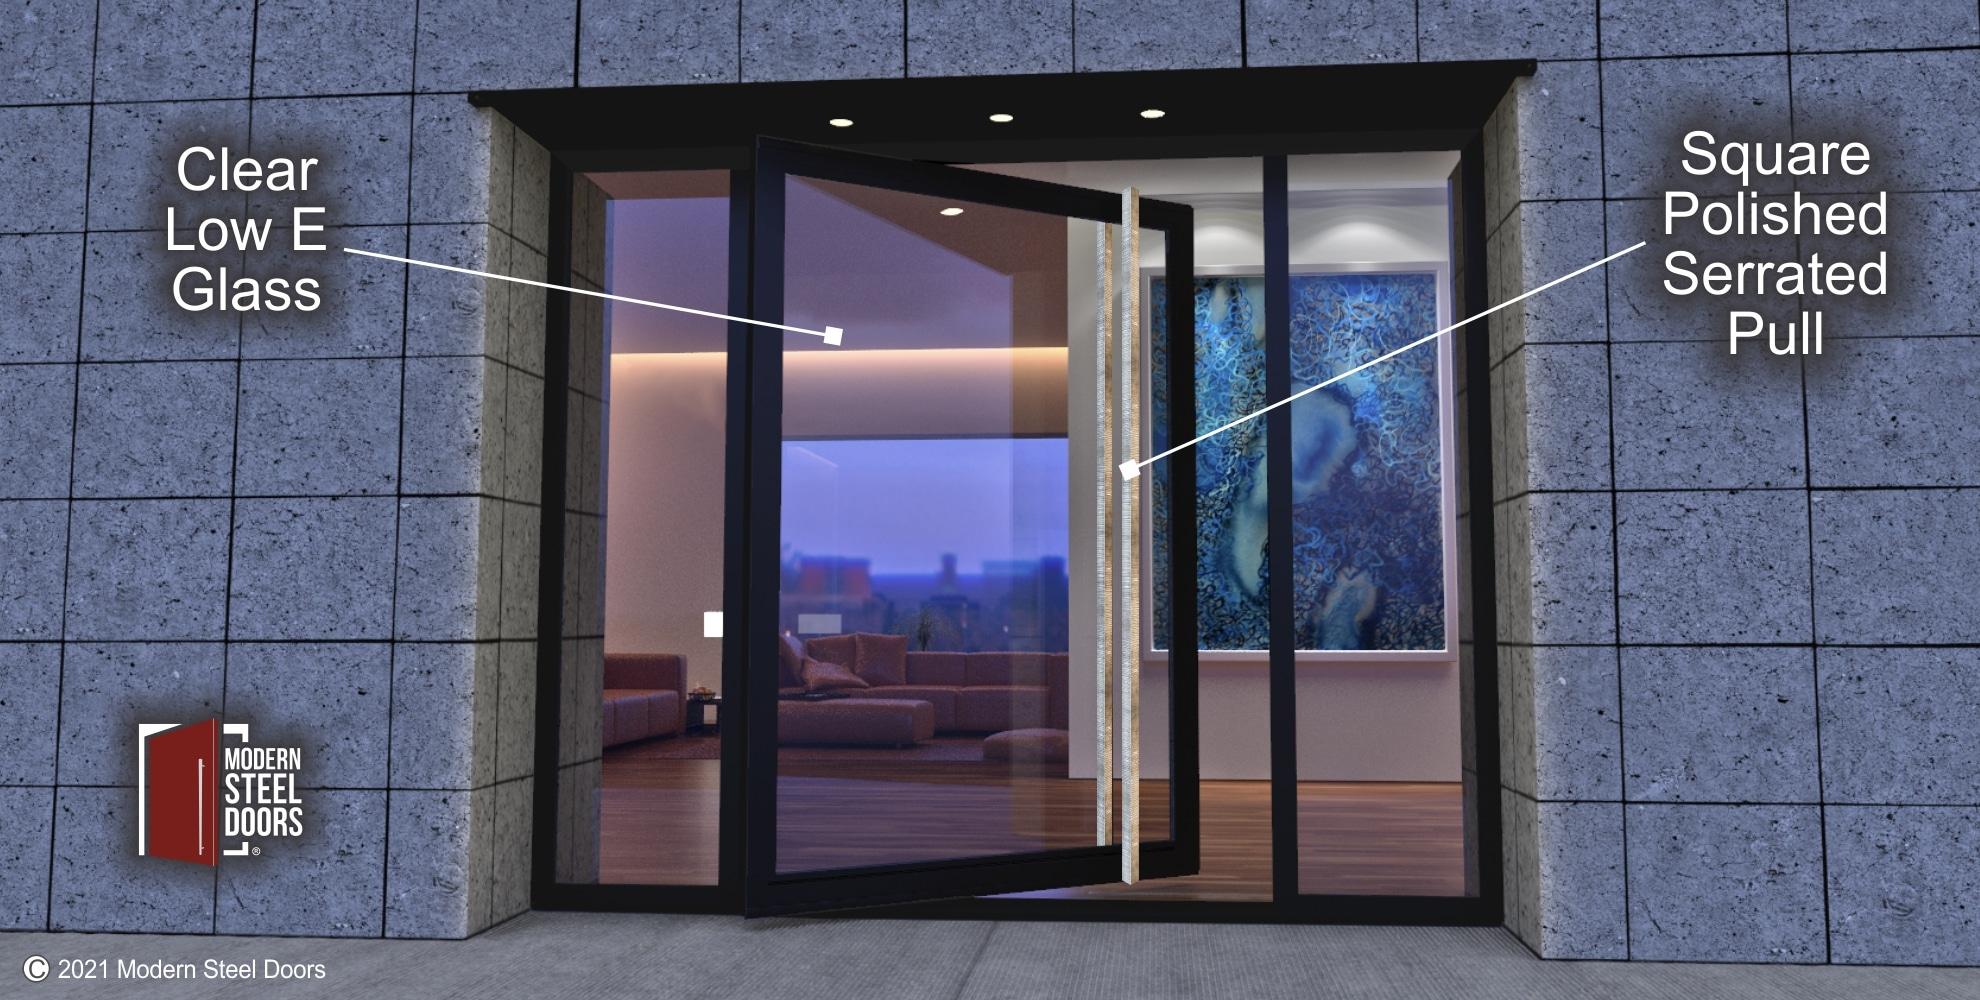 GLASS PIVOT DOOR WITH CUSTOM POLISHED DOOR HANDLES AND SIDELIGHTS